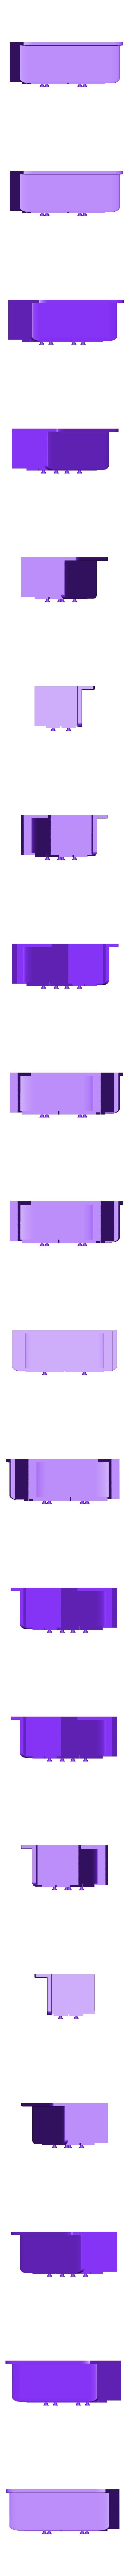 Luis_Furniture_drawers_1.stl Télécharger fichier STL gratuit Ensemble de meubles inspiré par Wolfenstein pour le jeu de guerre • Modèle pour imprimante 3D, El_Mutanto